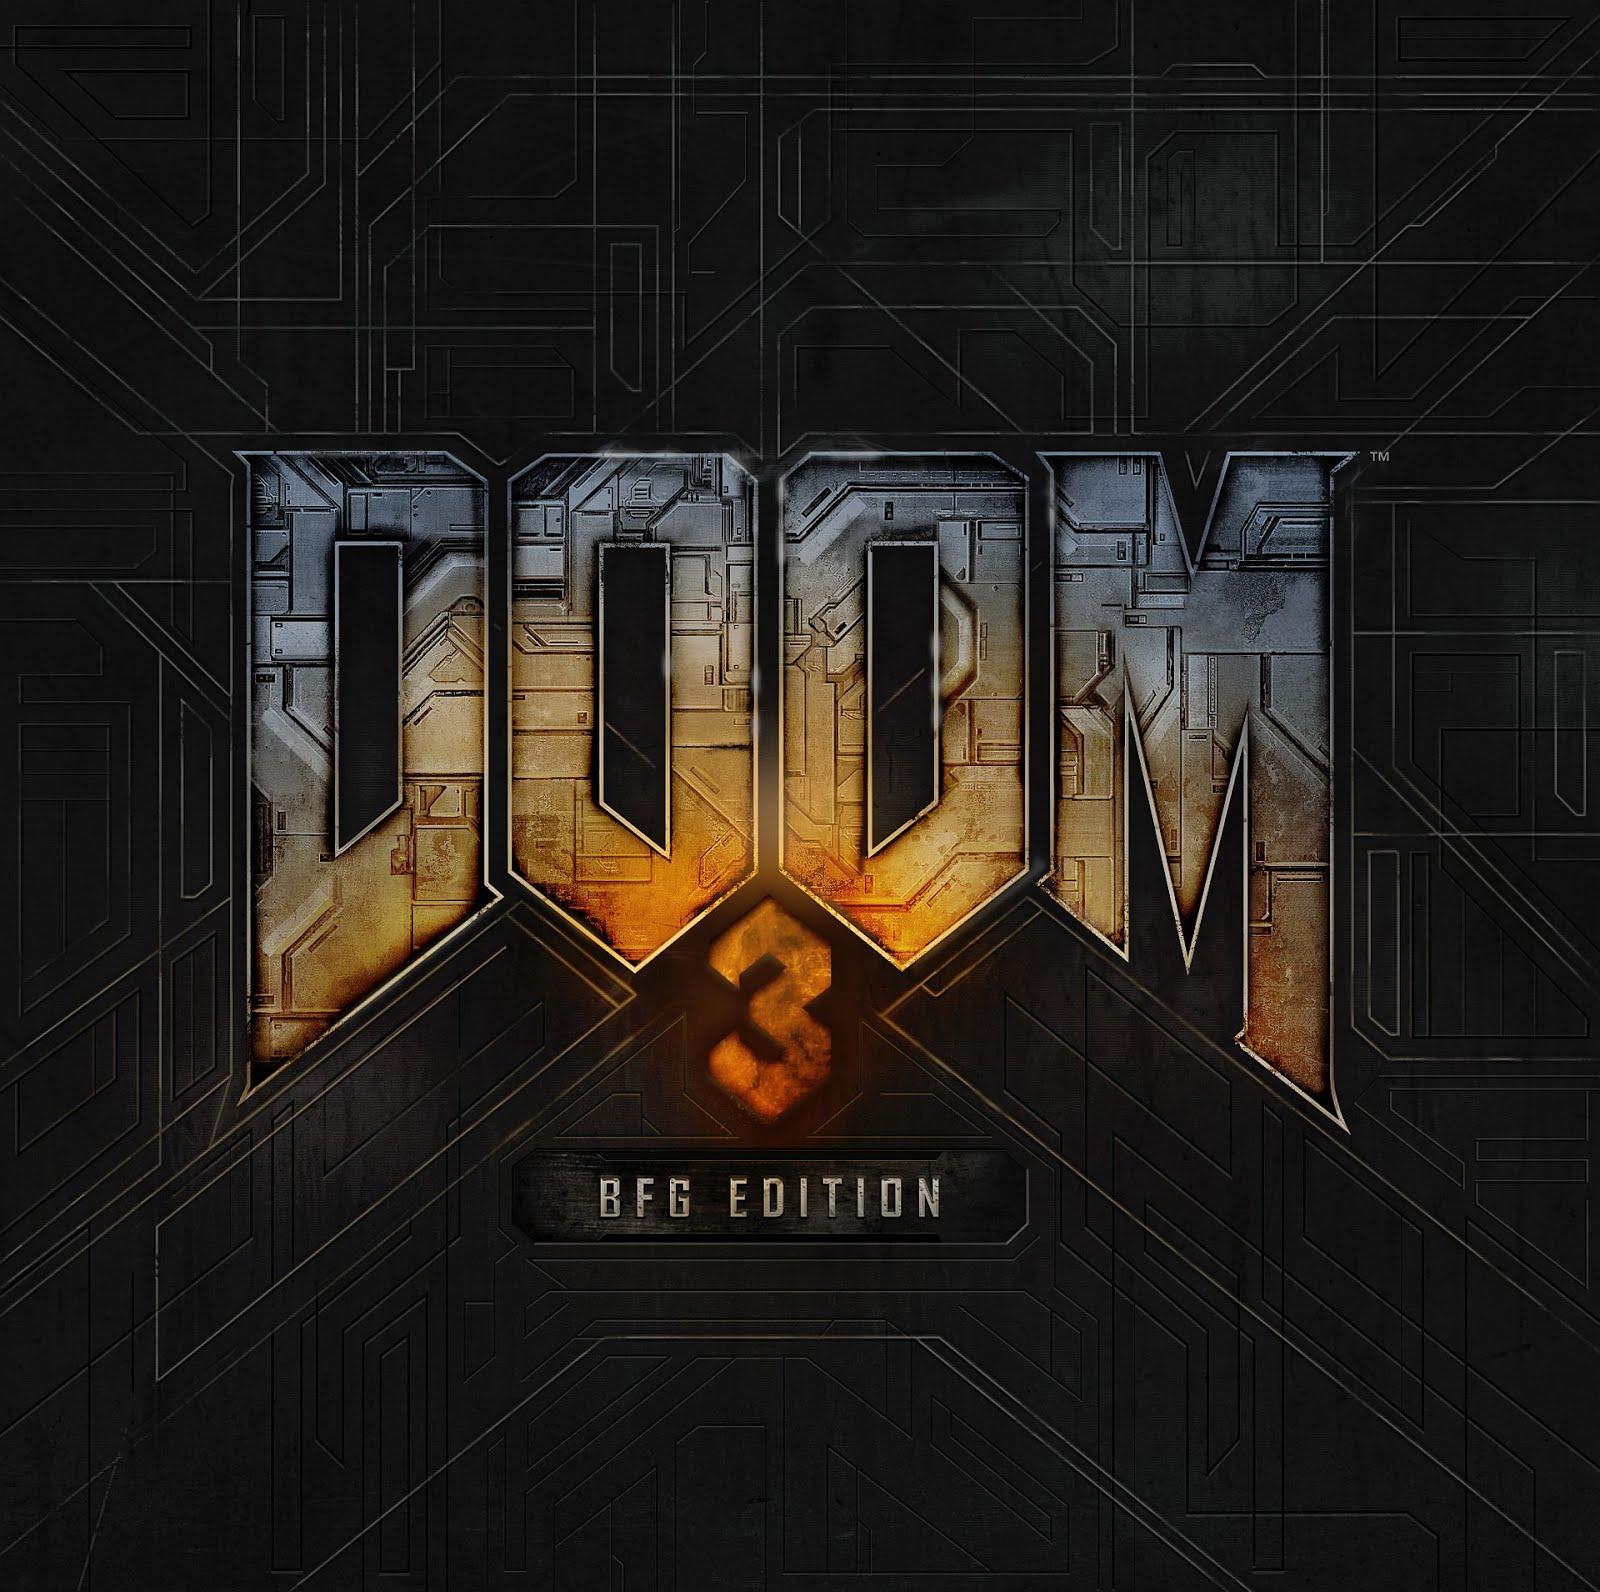 online doom 3